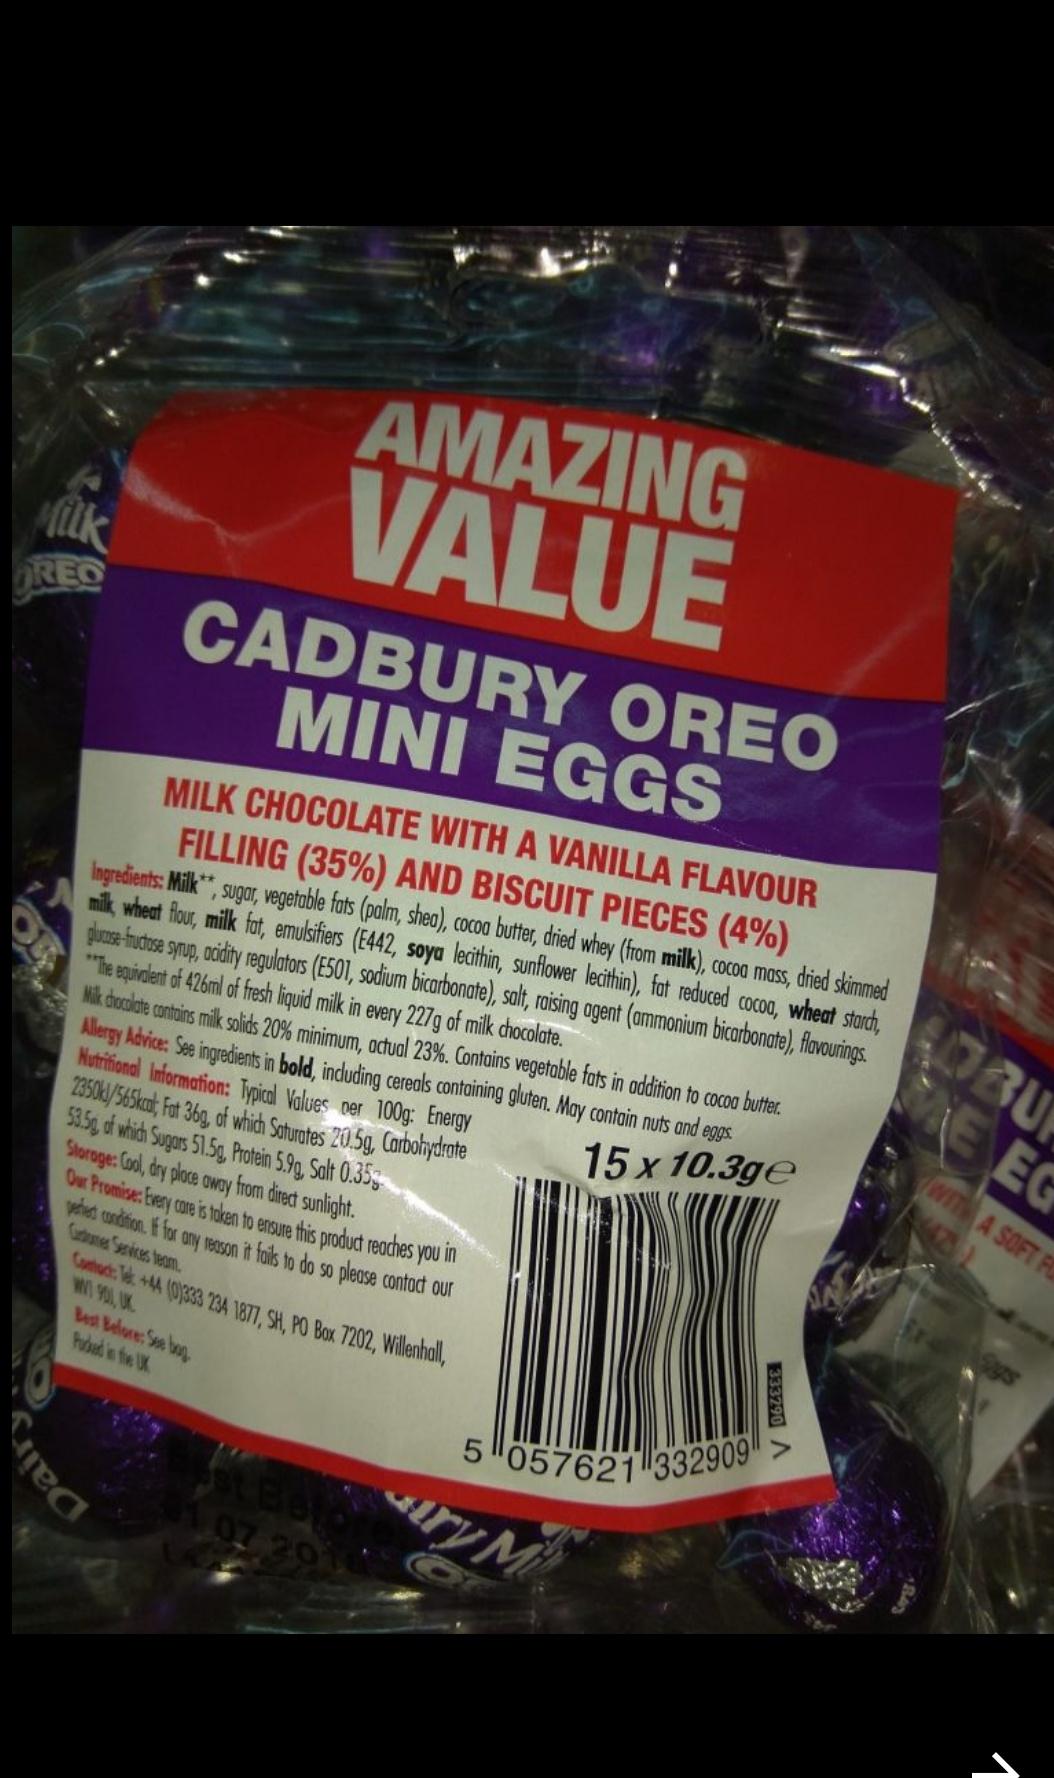 Cadbury's Oreo Mini eggs 15 x 10.3g - £1 @ Poundland